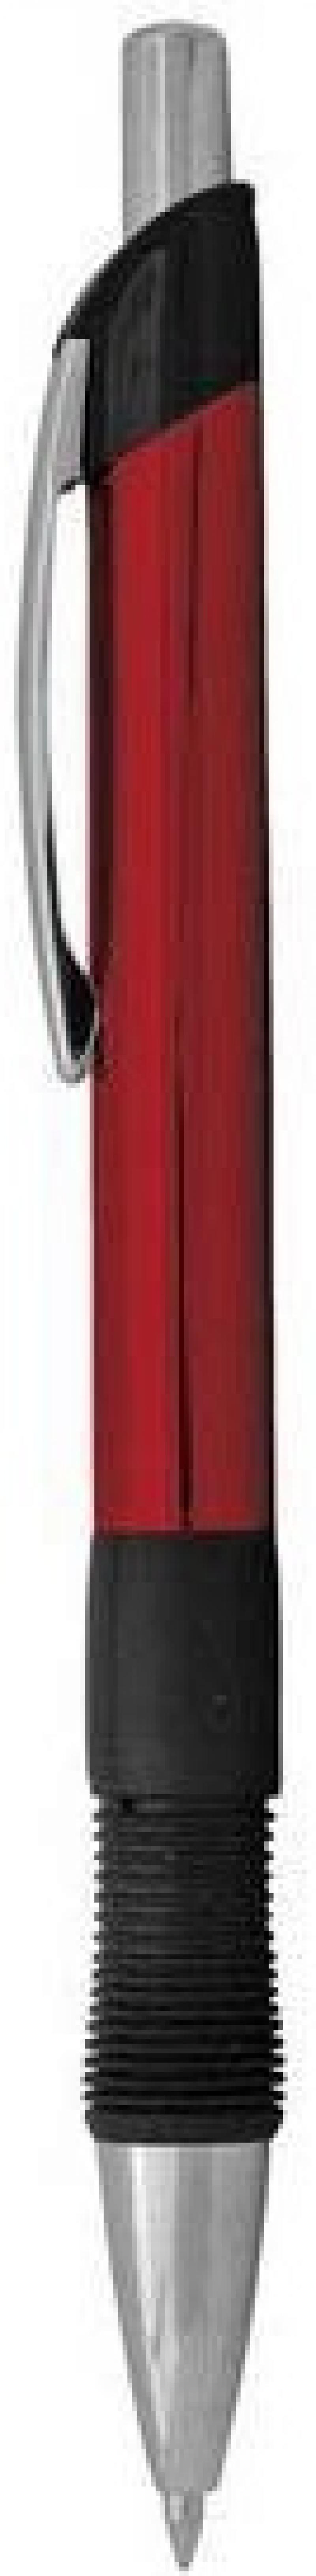 Шариковая ручка автоматическая Index IMWT1132/RD/бшк синий 0.5 мм IMWT1132/RD/бшк канцелярия index точилка автоматическая